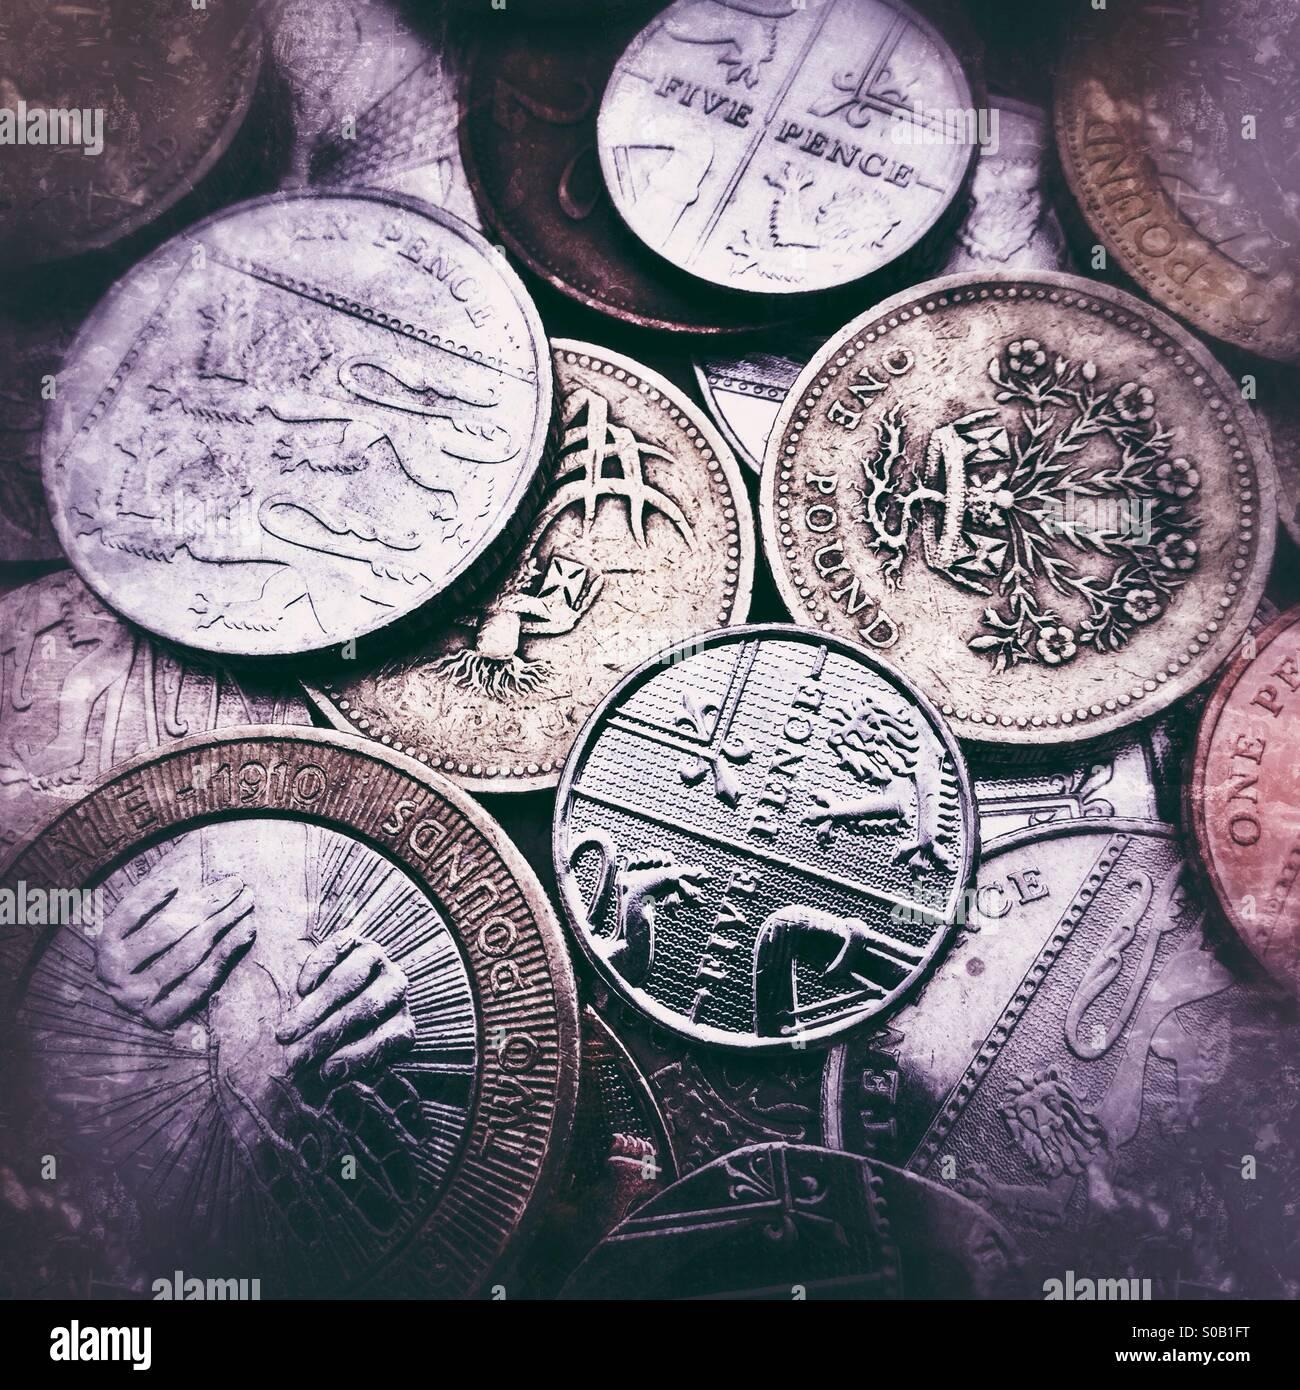 Un fondo de monedas británicas con grunge filtros aplicados Imagen De Stock